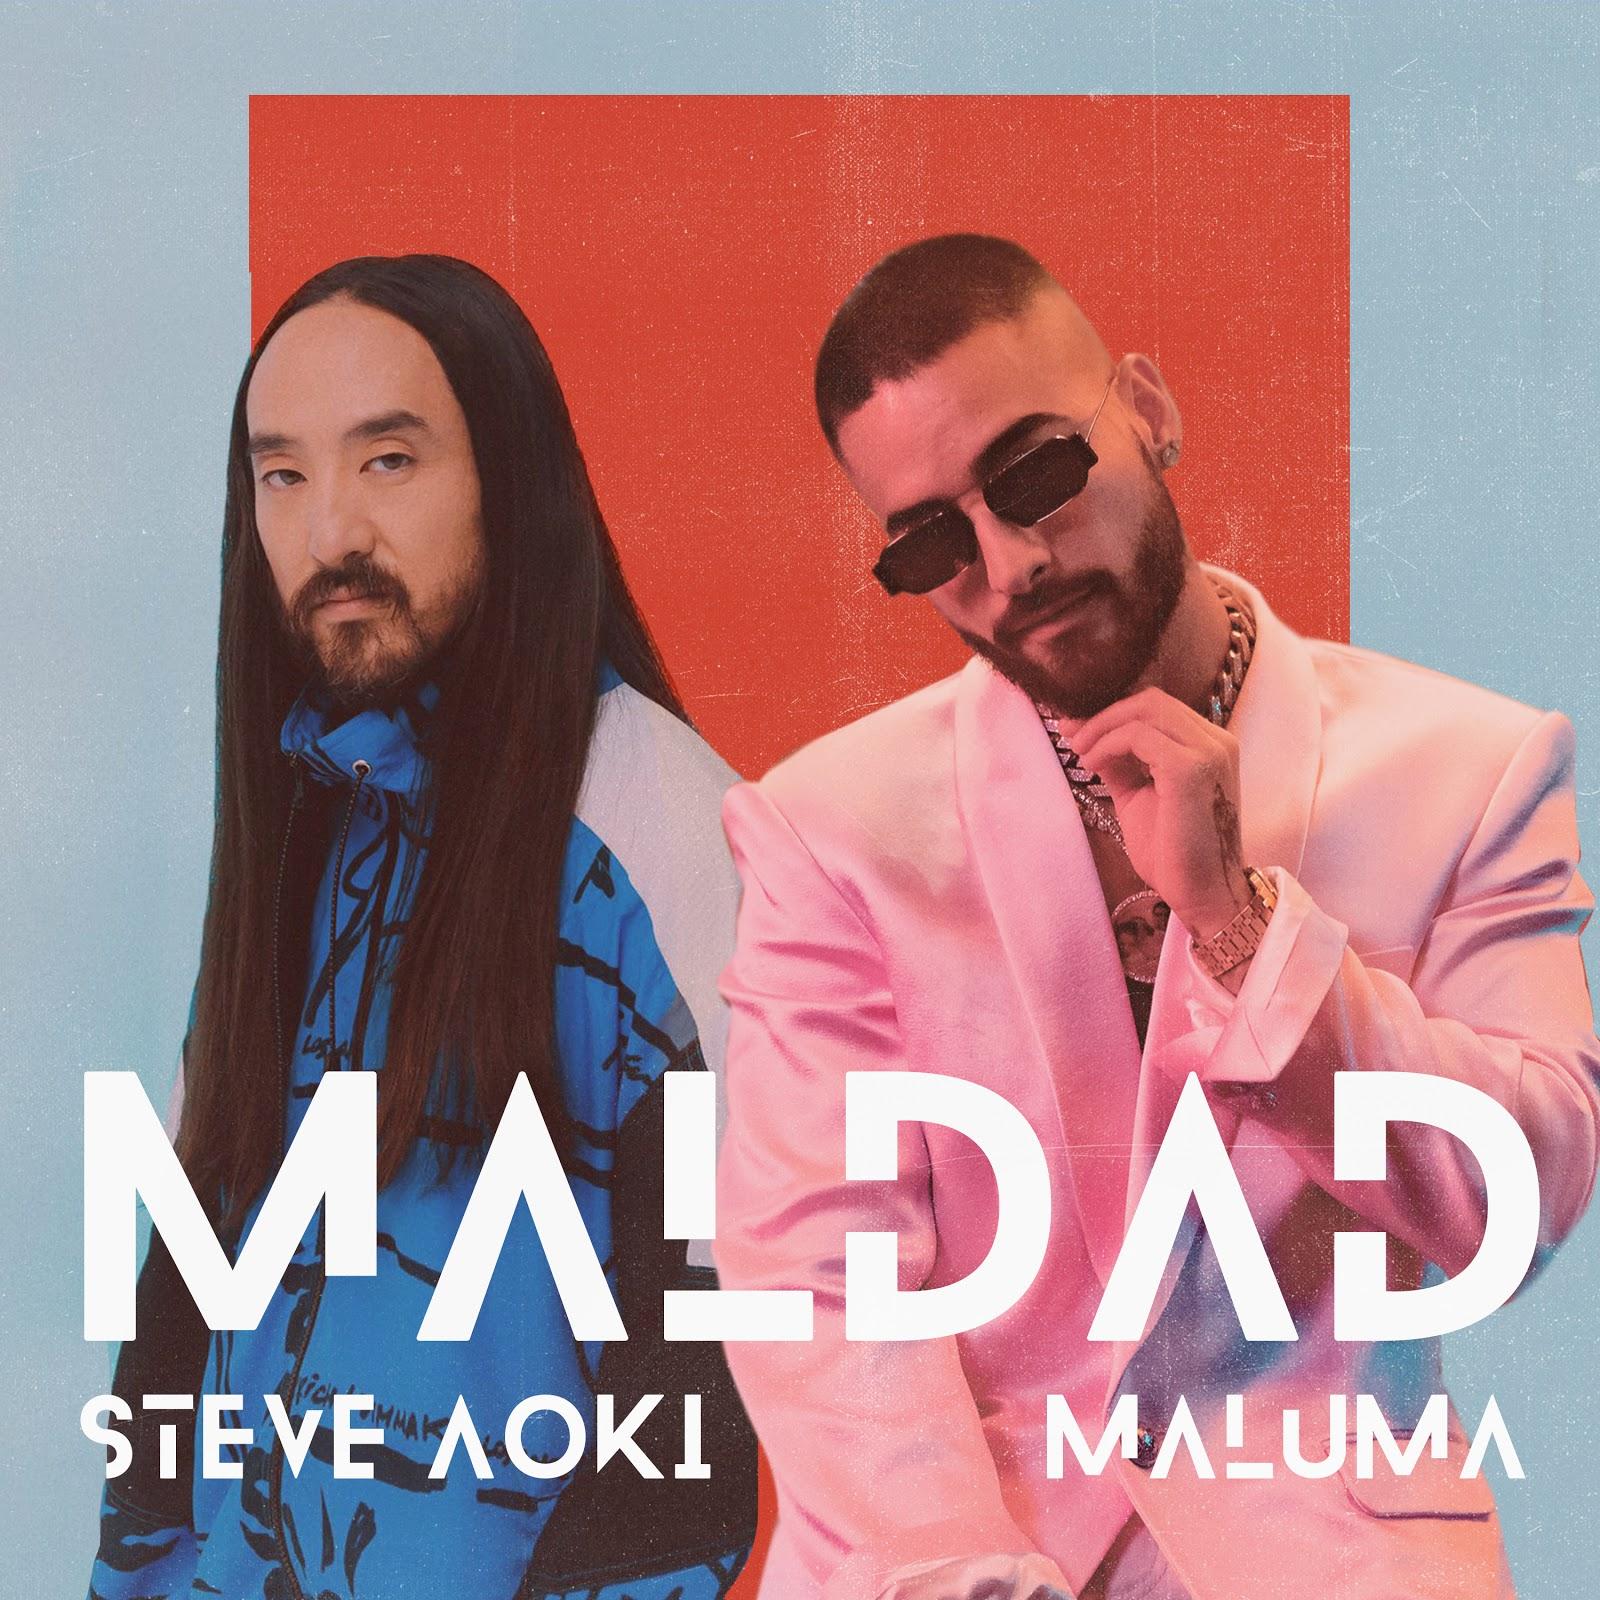 Steve Aoki & Maluma - Maldad Cover Art